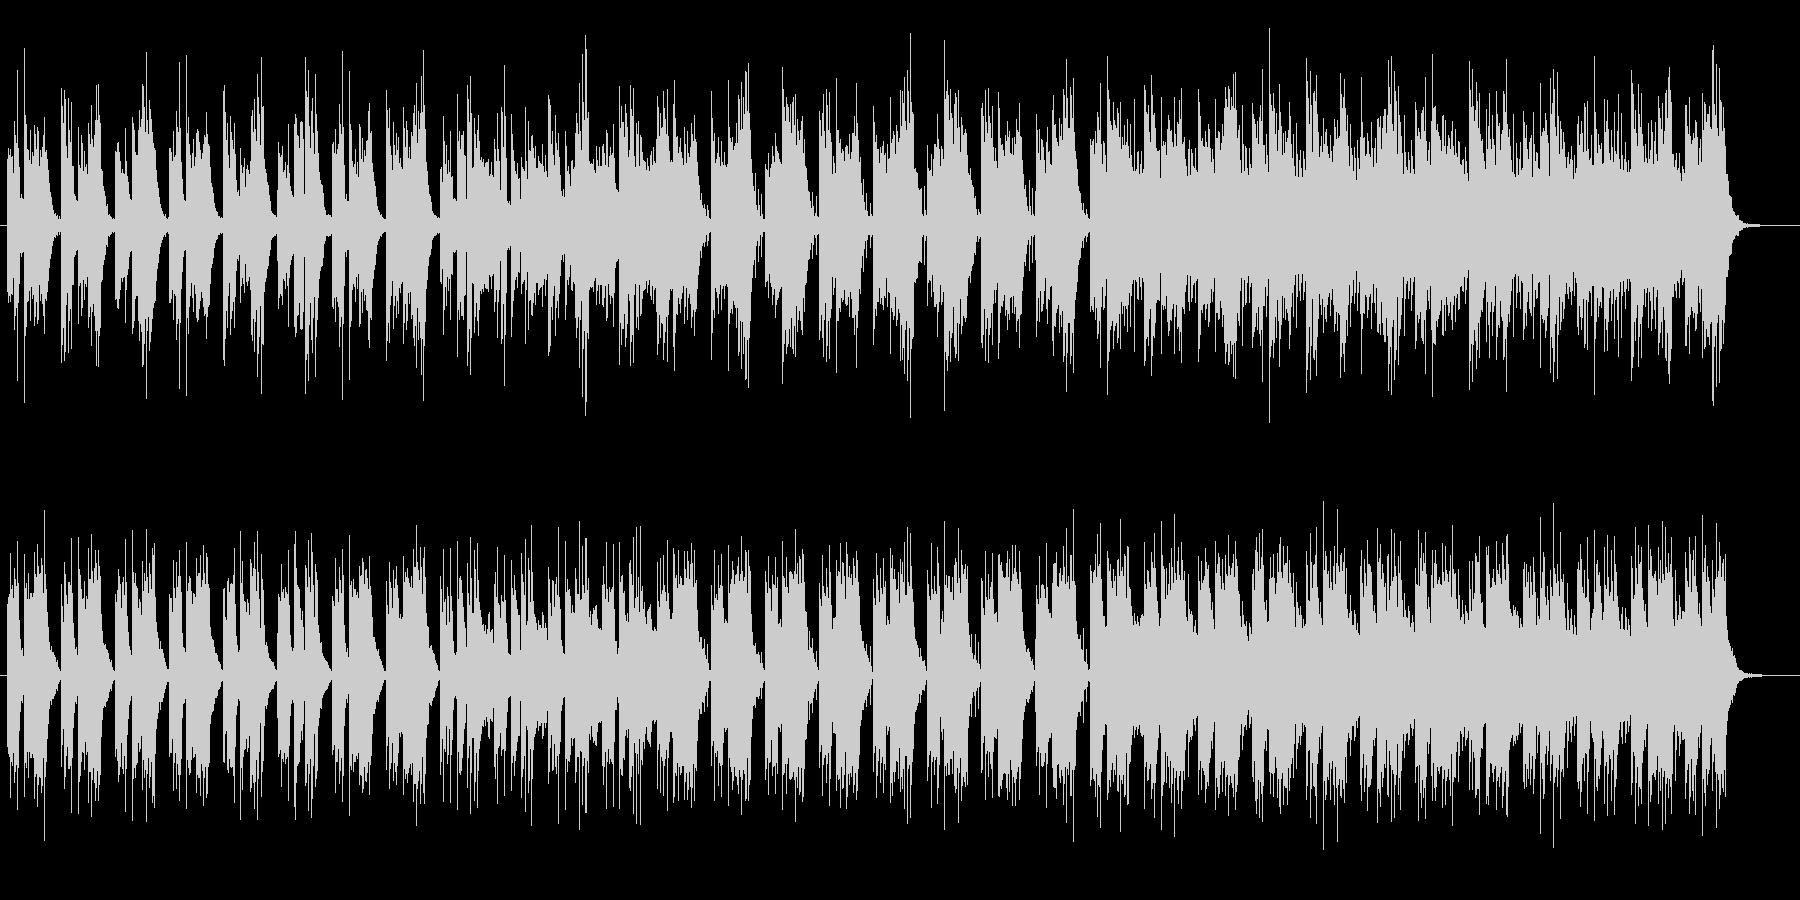 キレイに響く物悲しいミュージックの未再生の波形